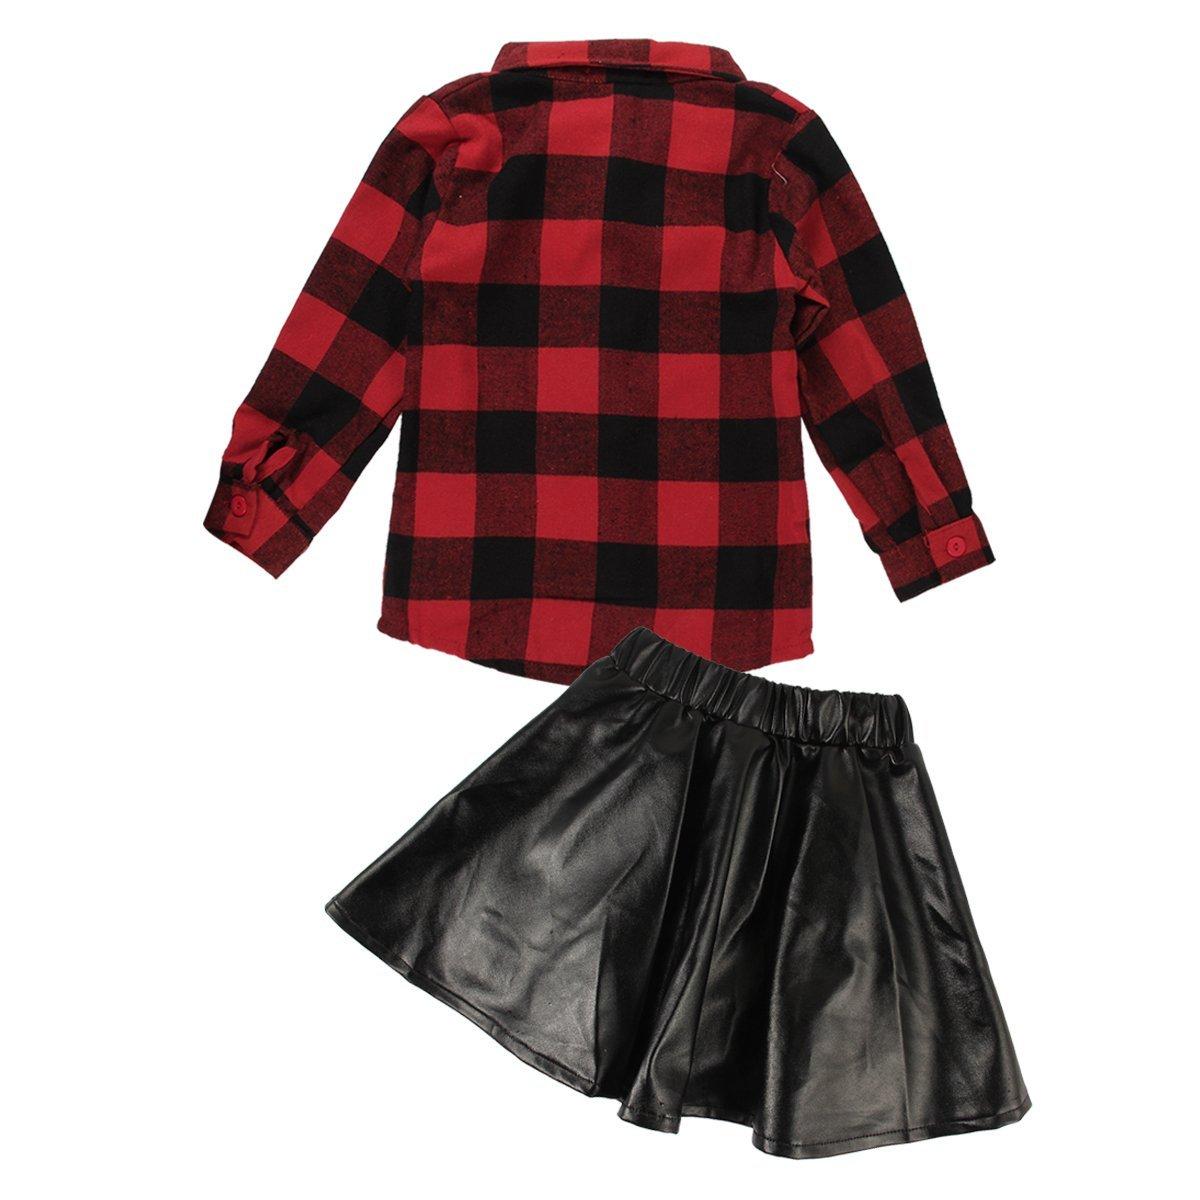 Amazon 2pcs Toddler Kids Baby Girls Plaid Shirtleather Skirt